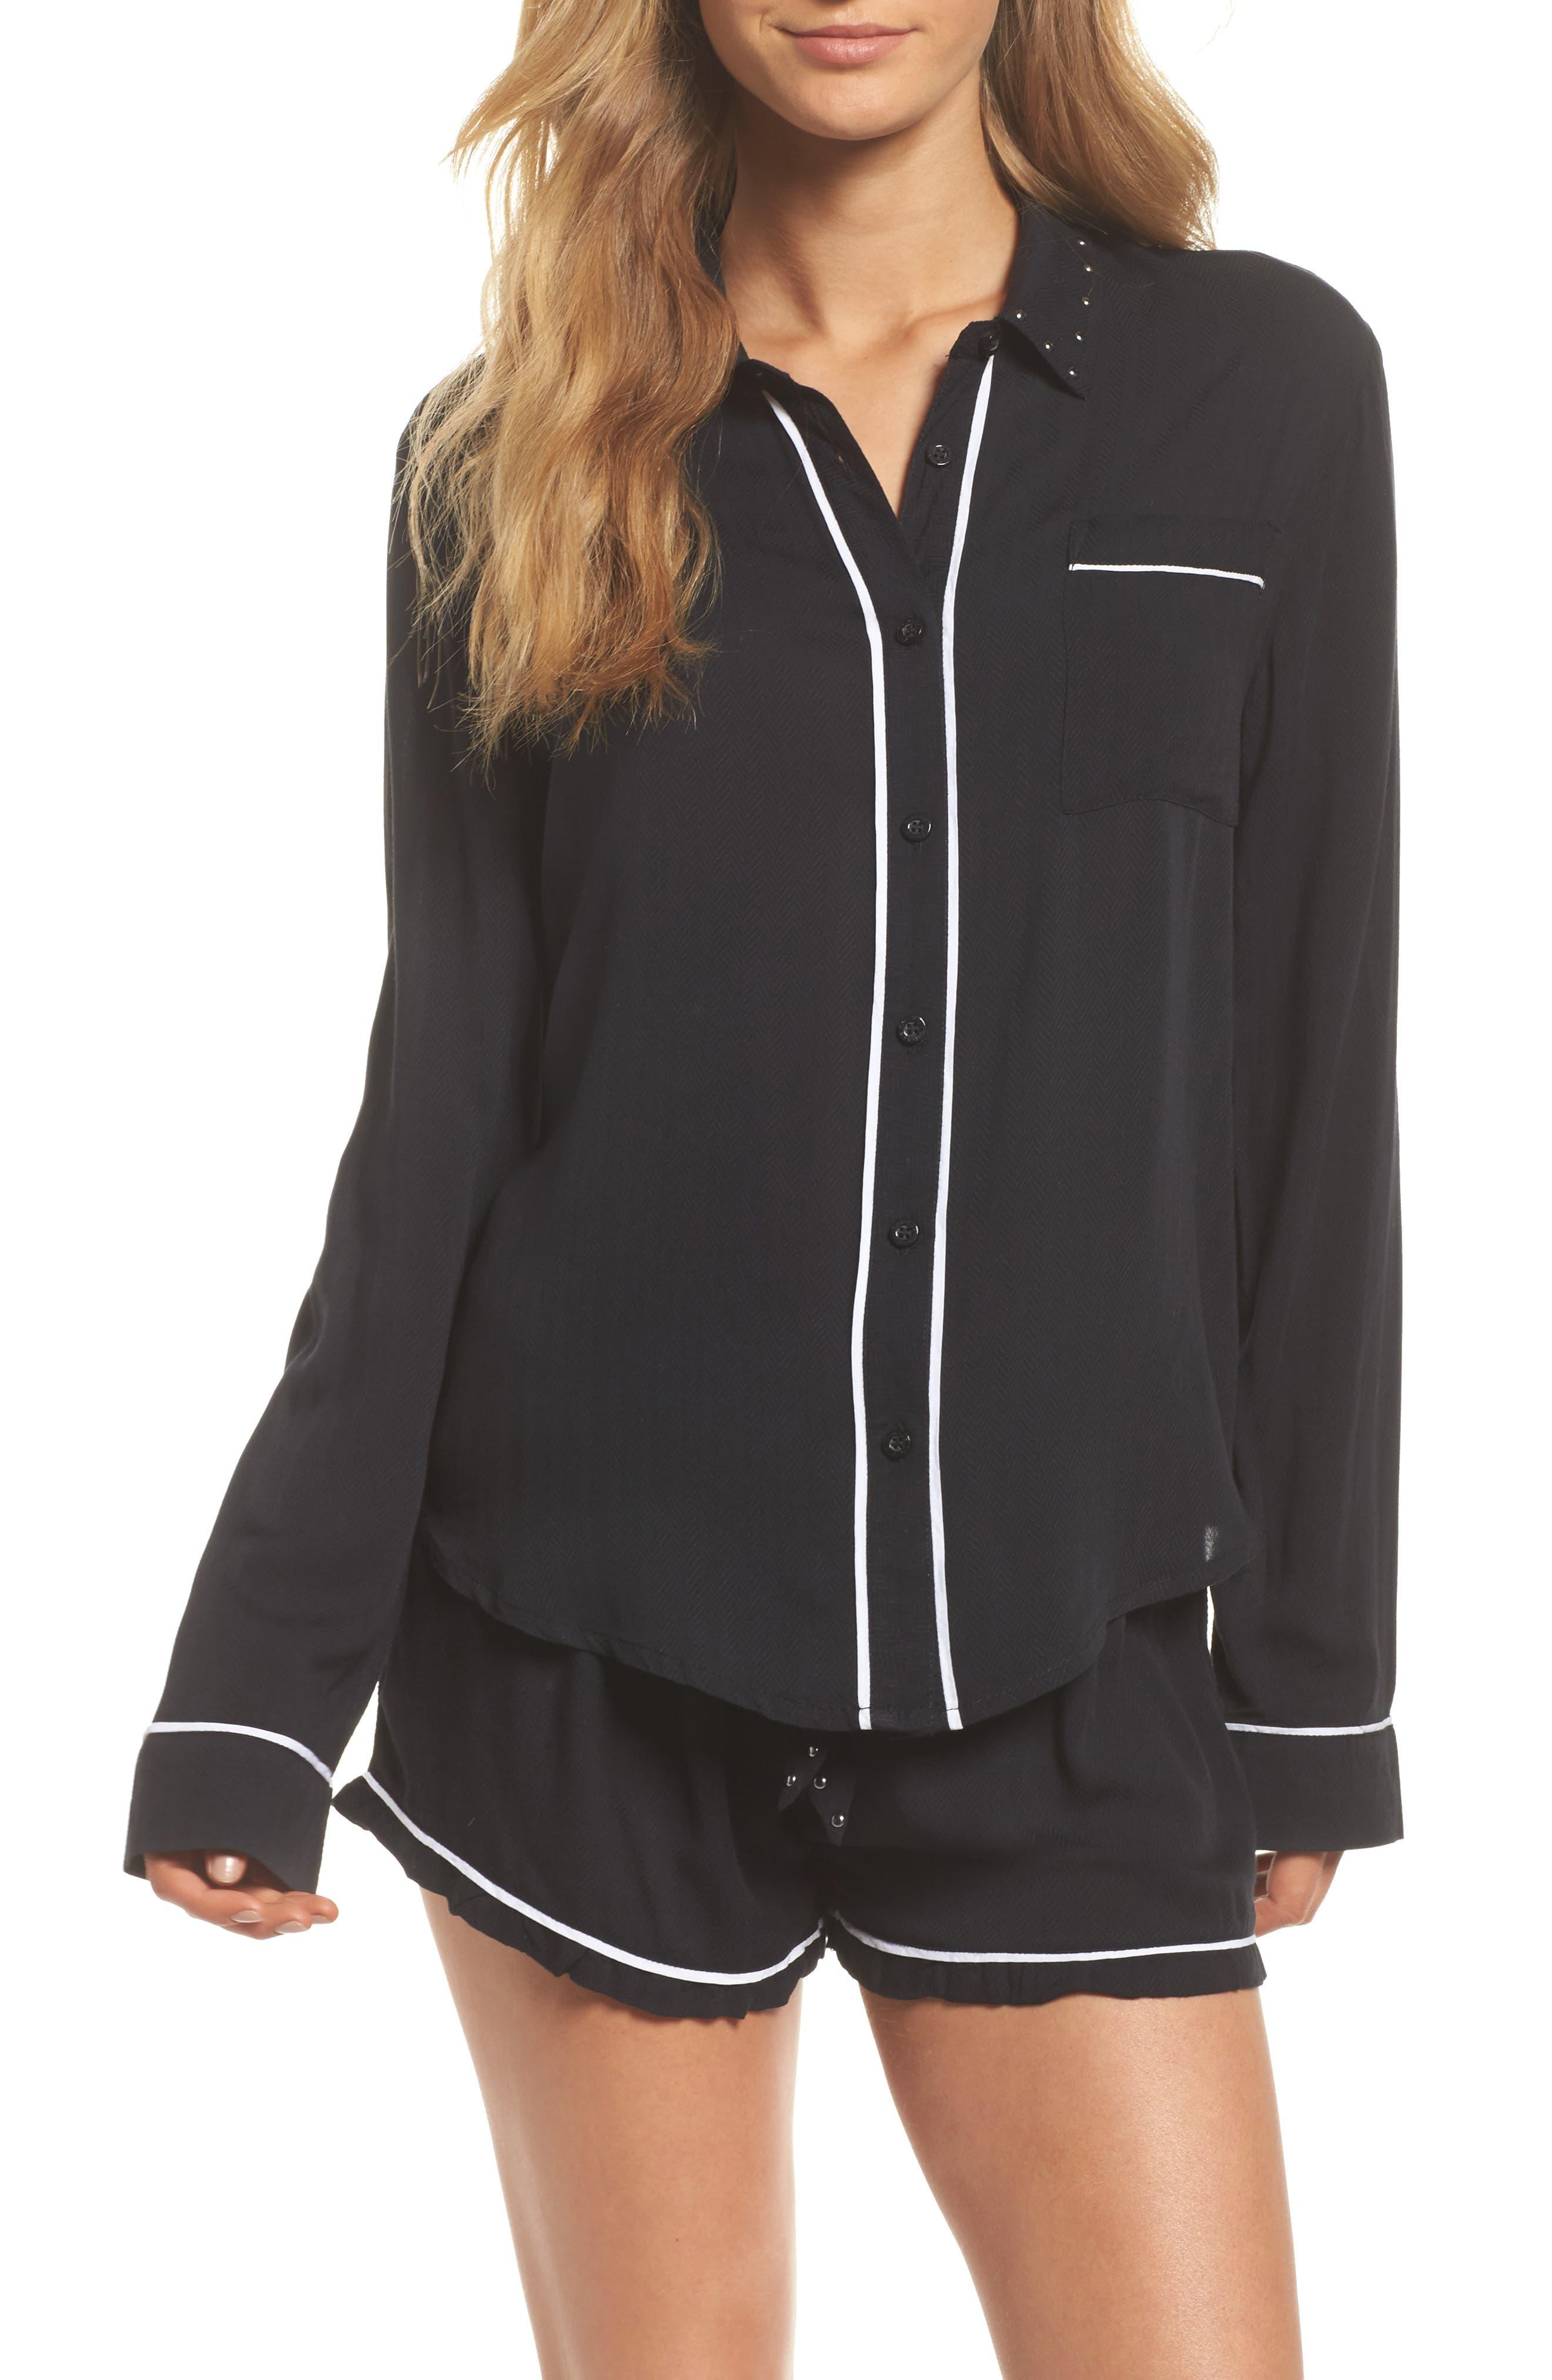 Short Pajamas,                             Main thumbnail 1, color,                             Black